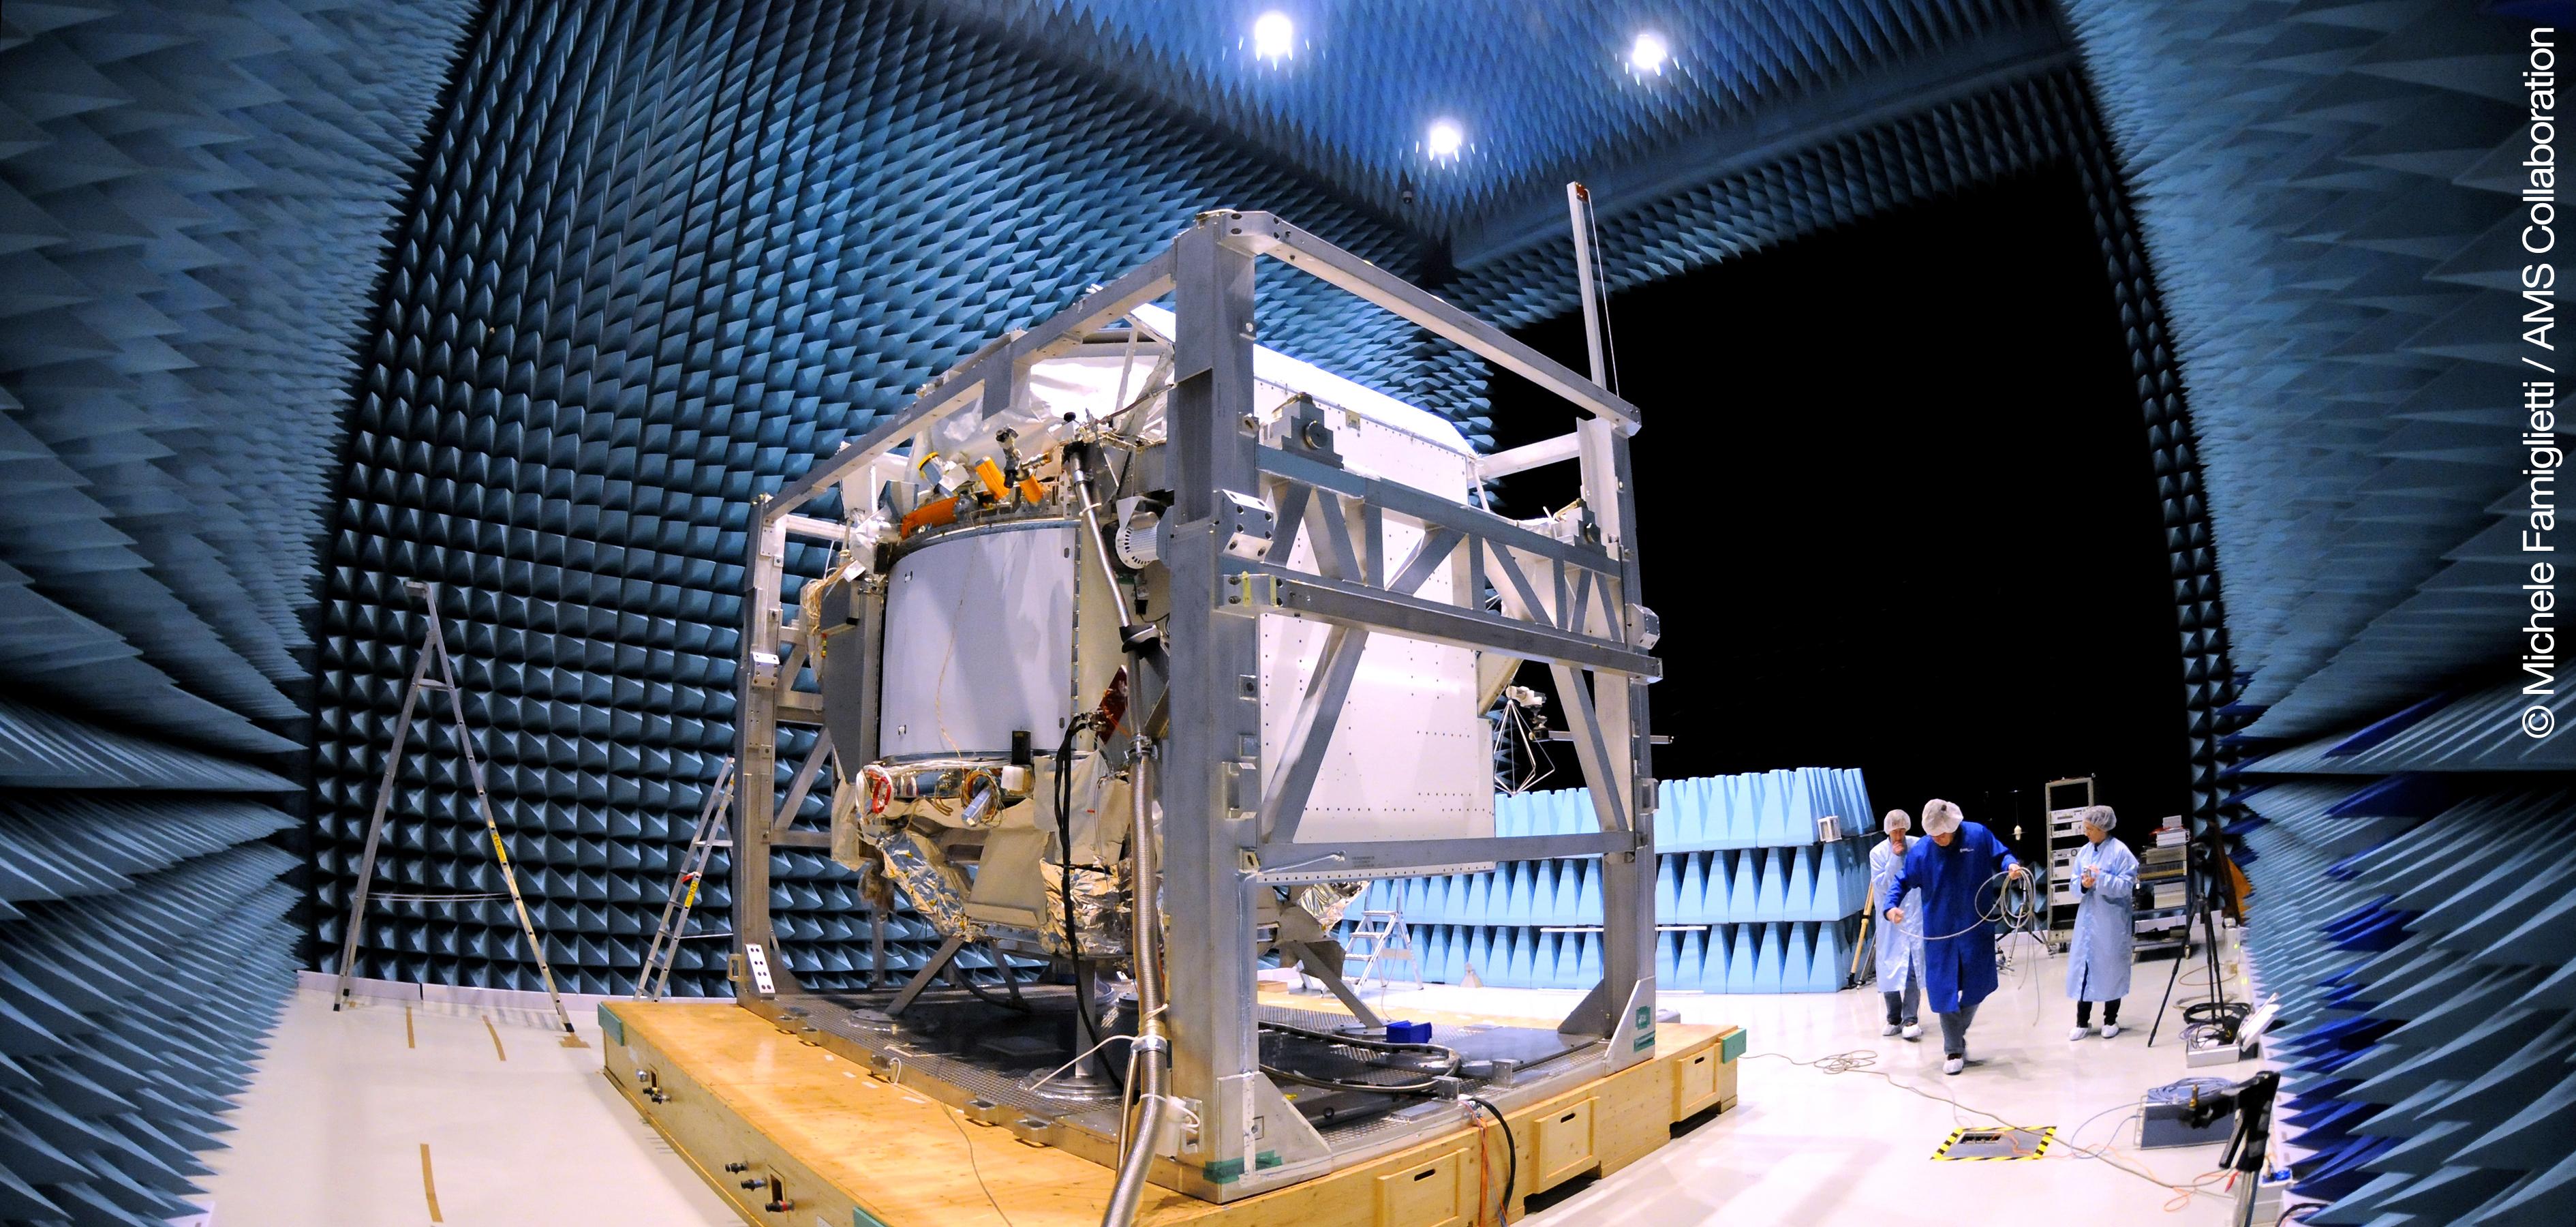 Kvantefysikkeksperimentet AMS-02 i lydkammeret for testing hos ESTEC og ESA. Foto: ESA